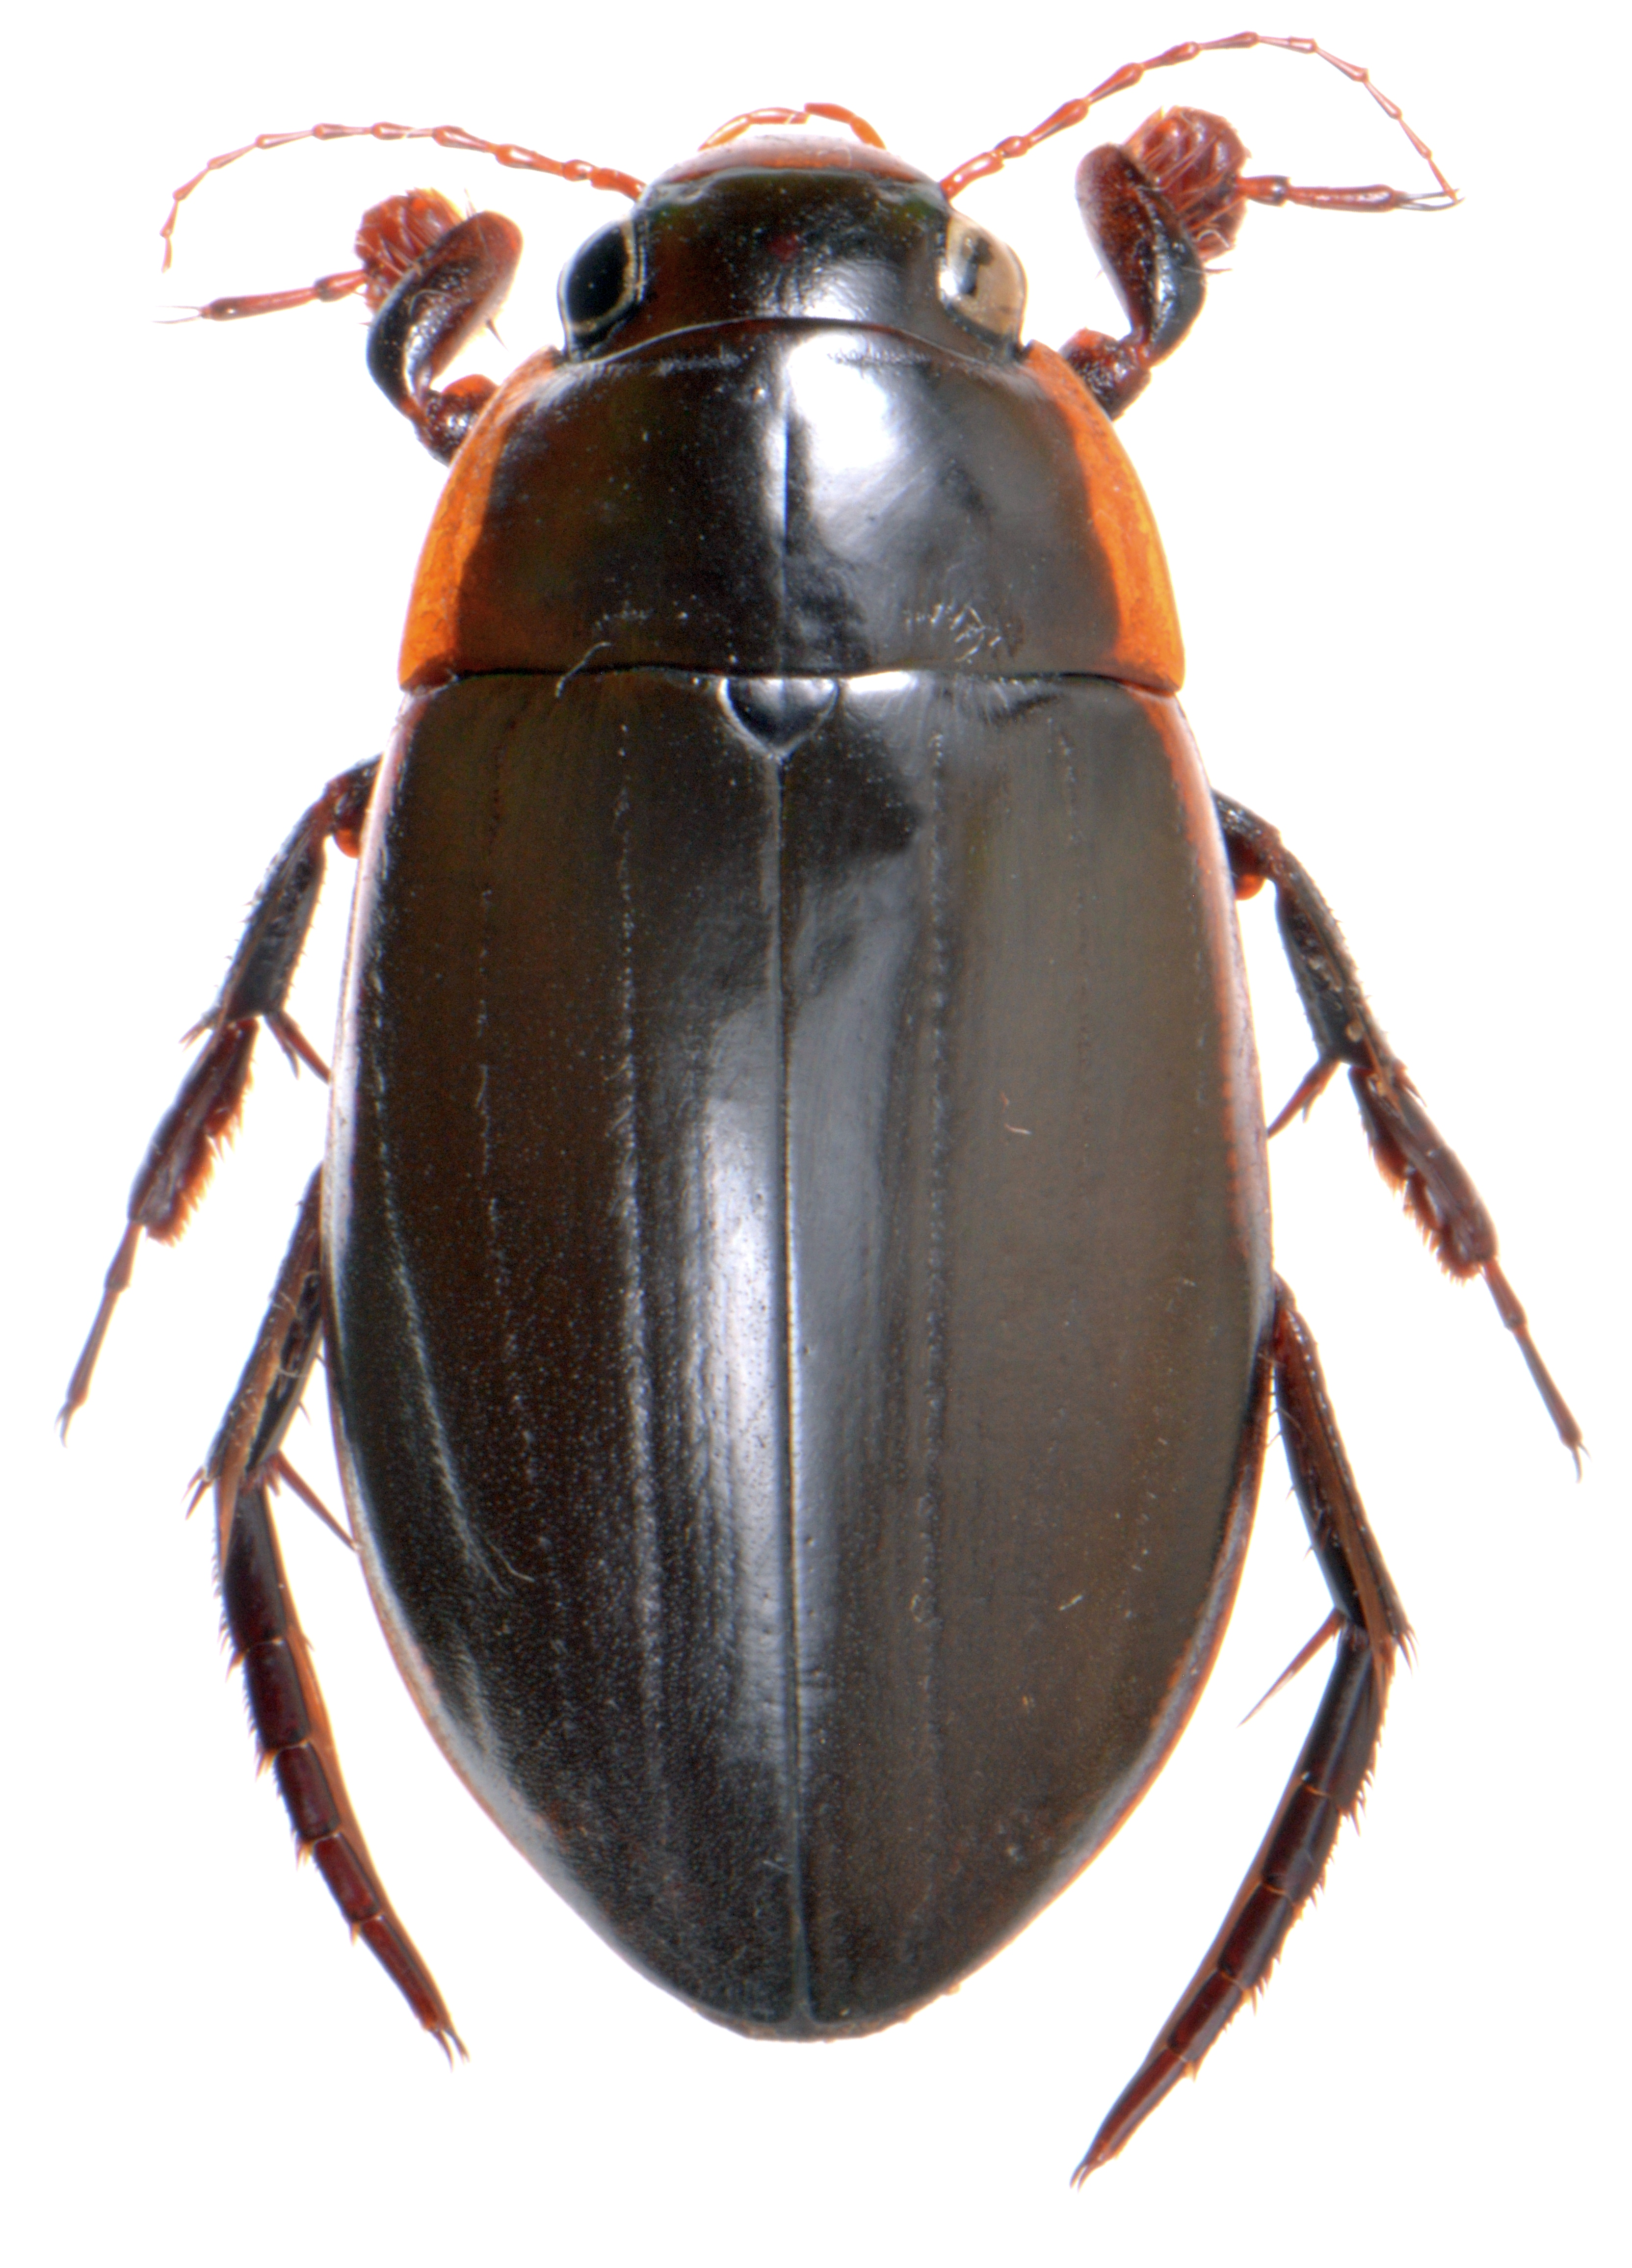 Dytiscus semisulcatus ♂